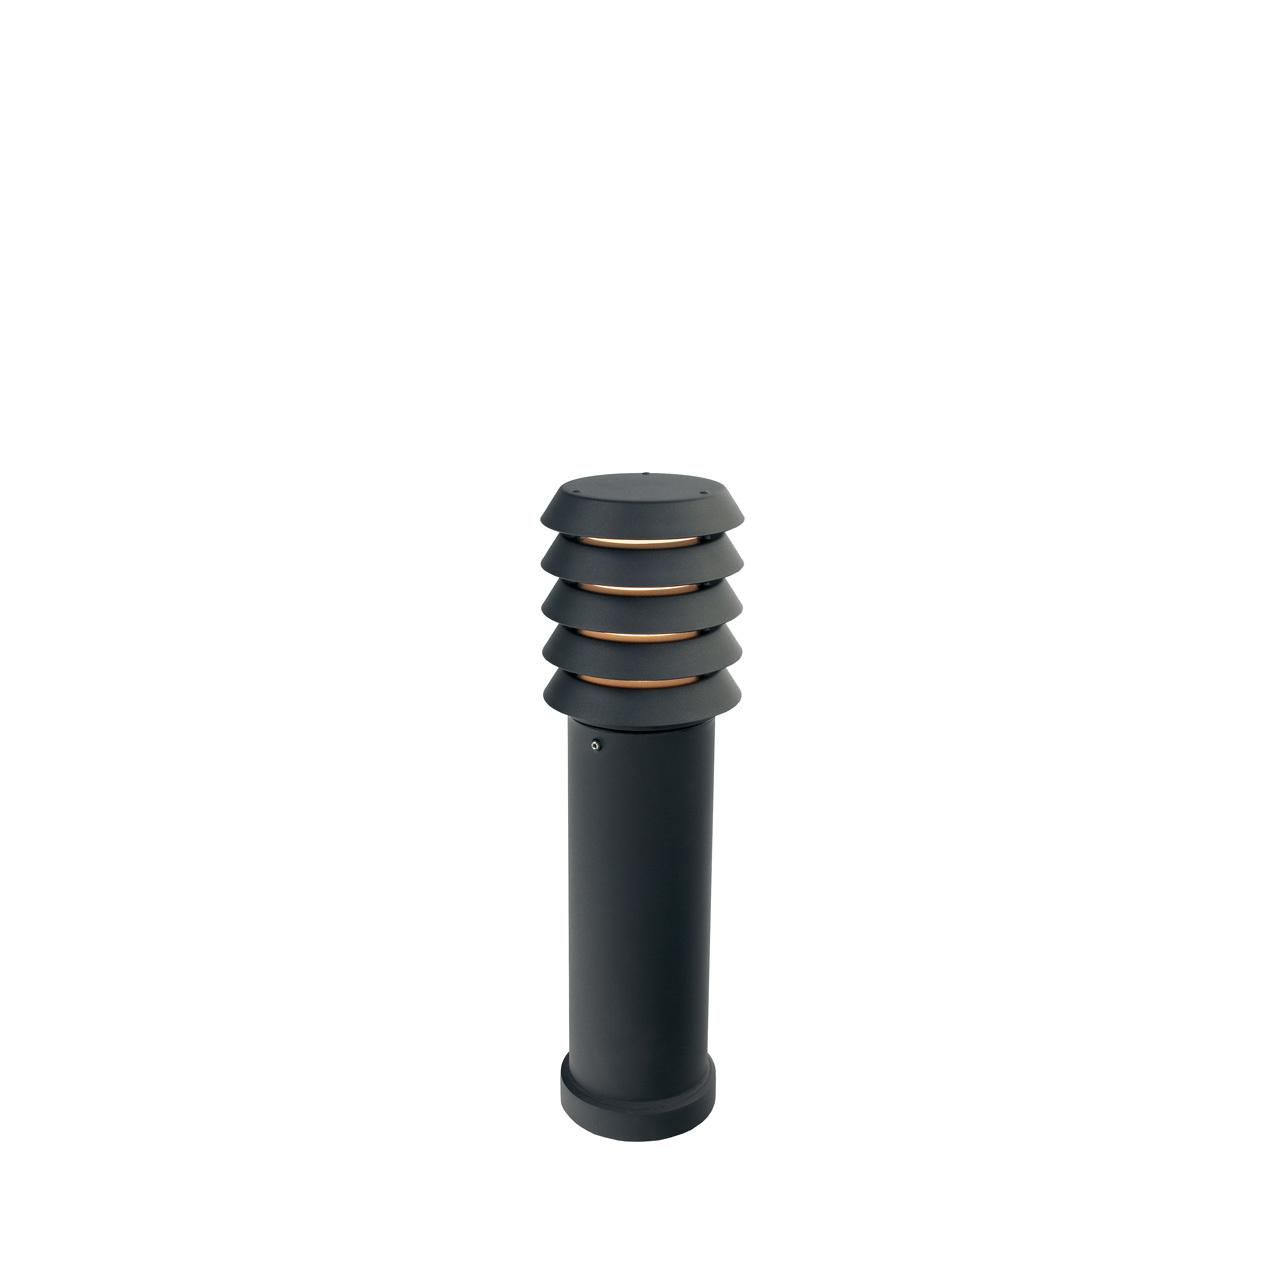 Słupek ogrodowy ALTA 49CM LED 1476B -Norlys  SPRAWDŹ RABATY  5-10-15-20 % w koszyku